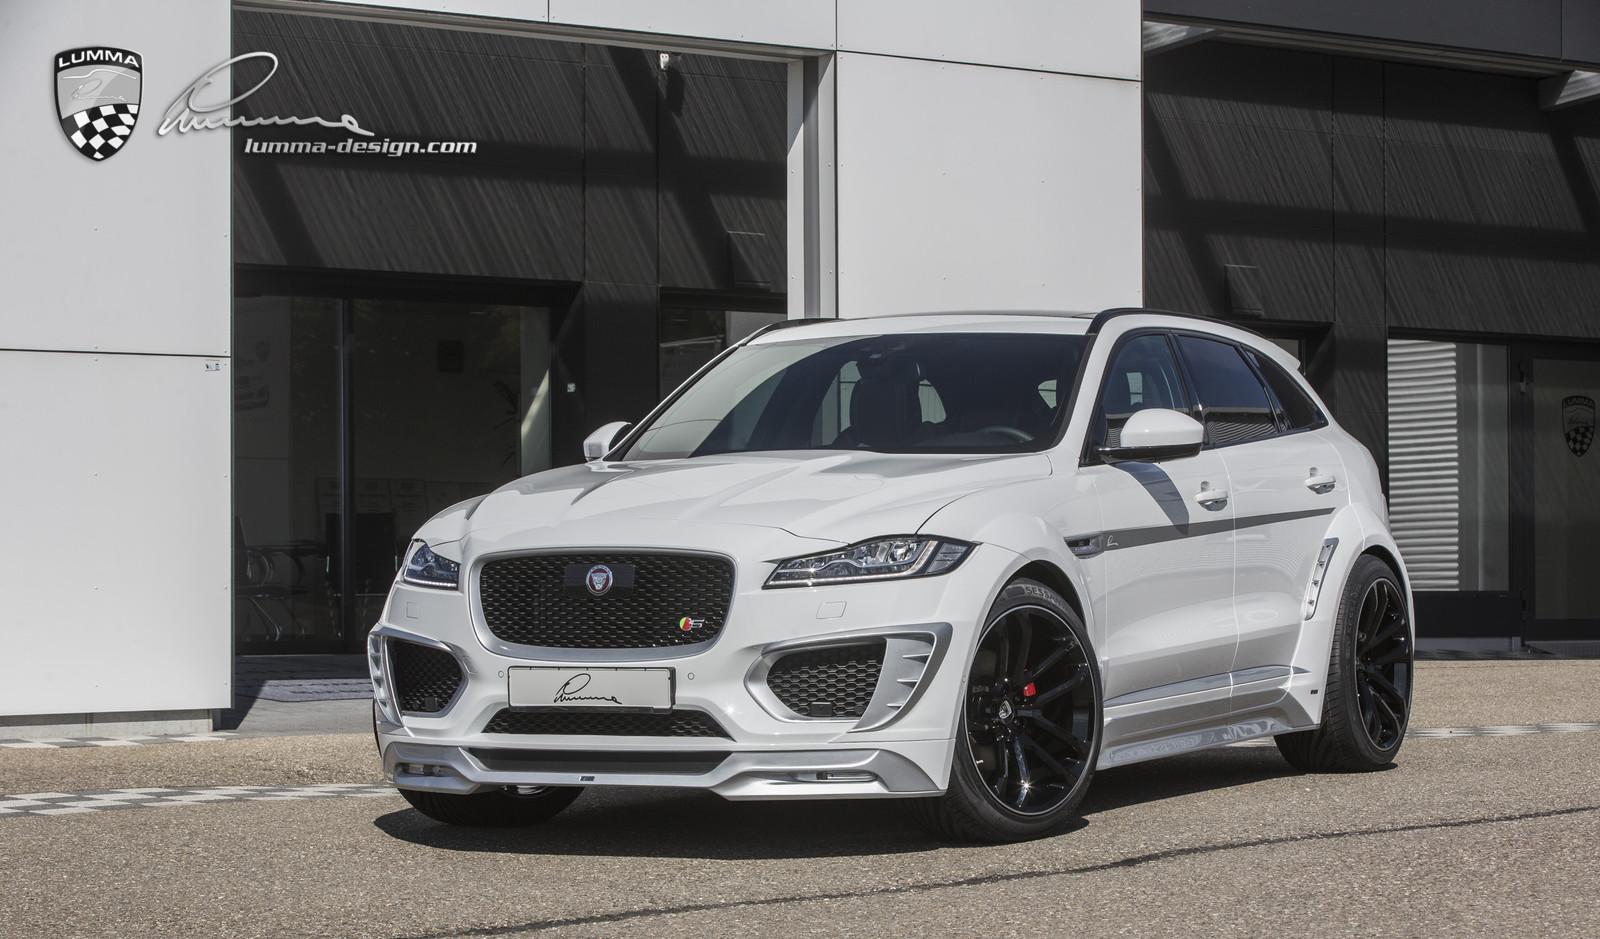 Jaguar F Type Wide Body Kit >> LUMMA-NEWS: New Jaguar F-PACE CLR F